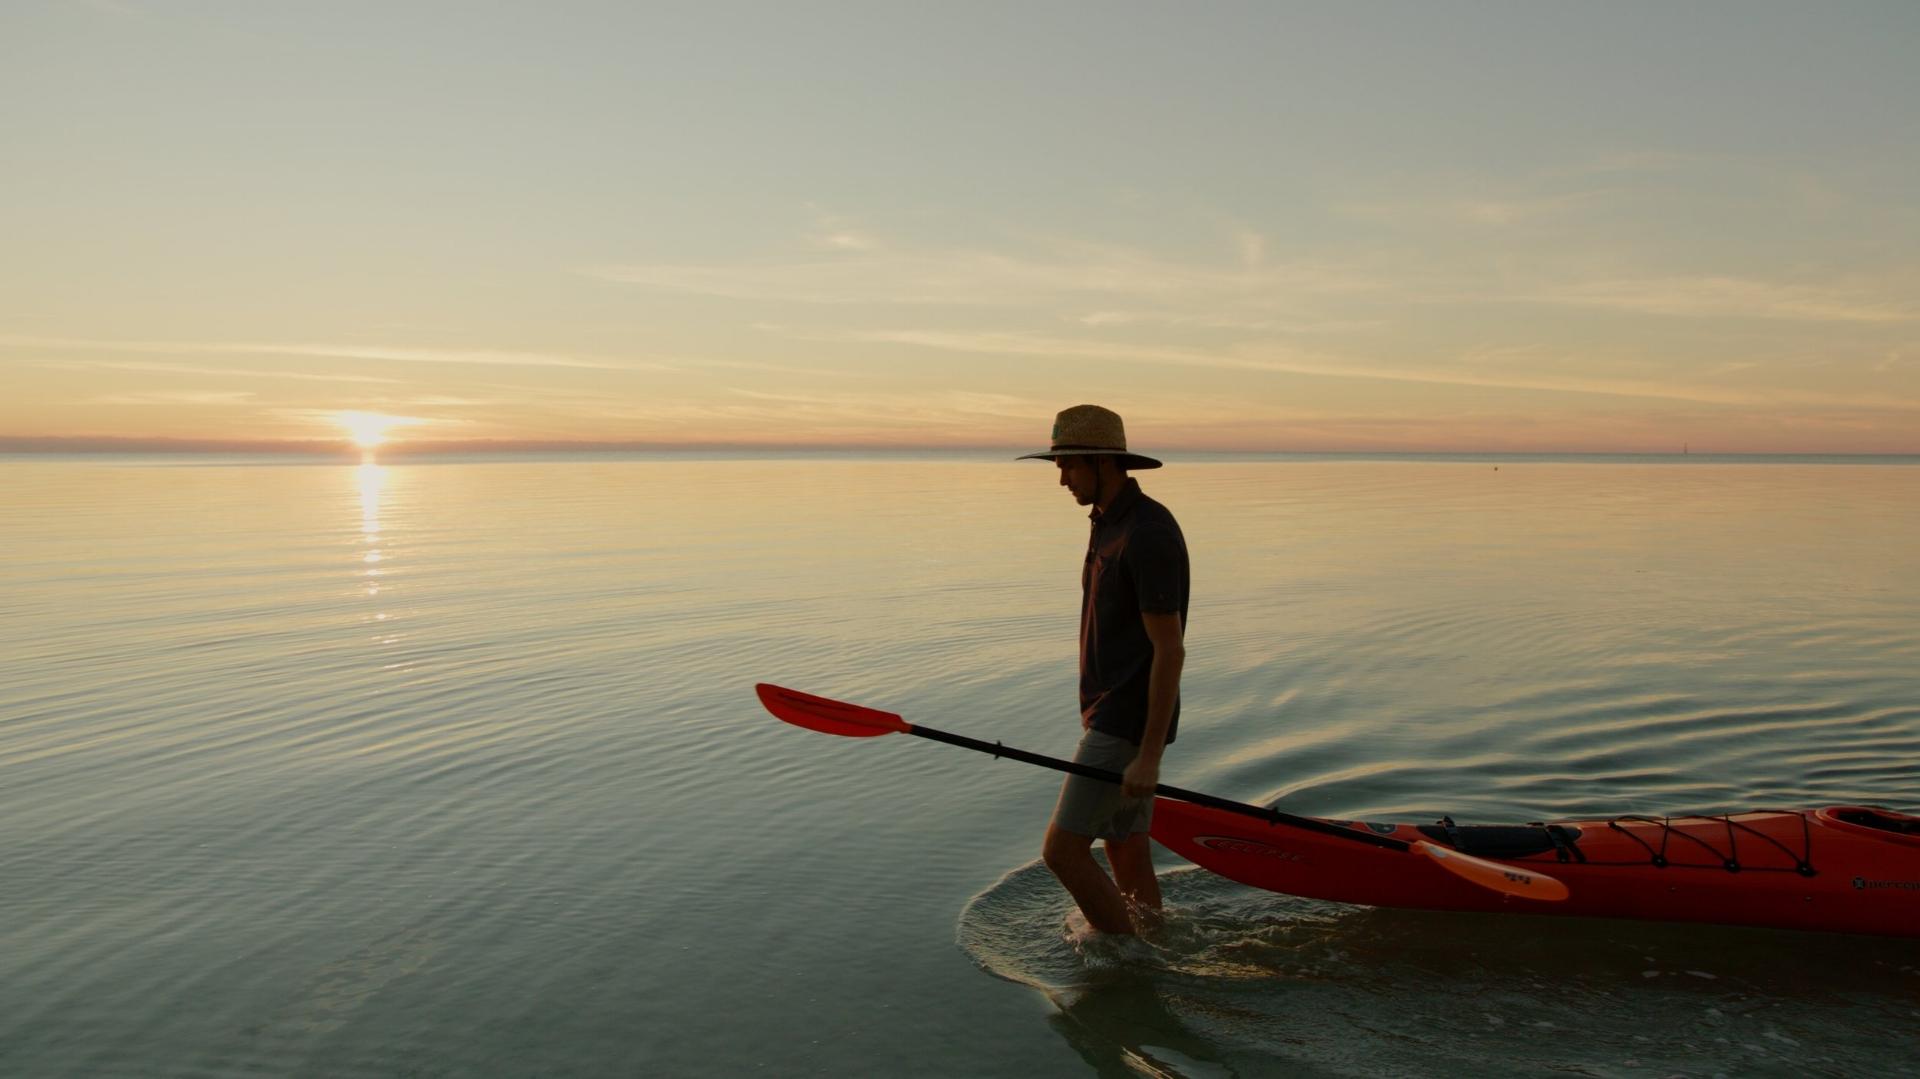 Model-carrying-kayak